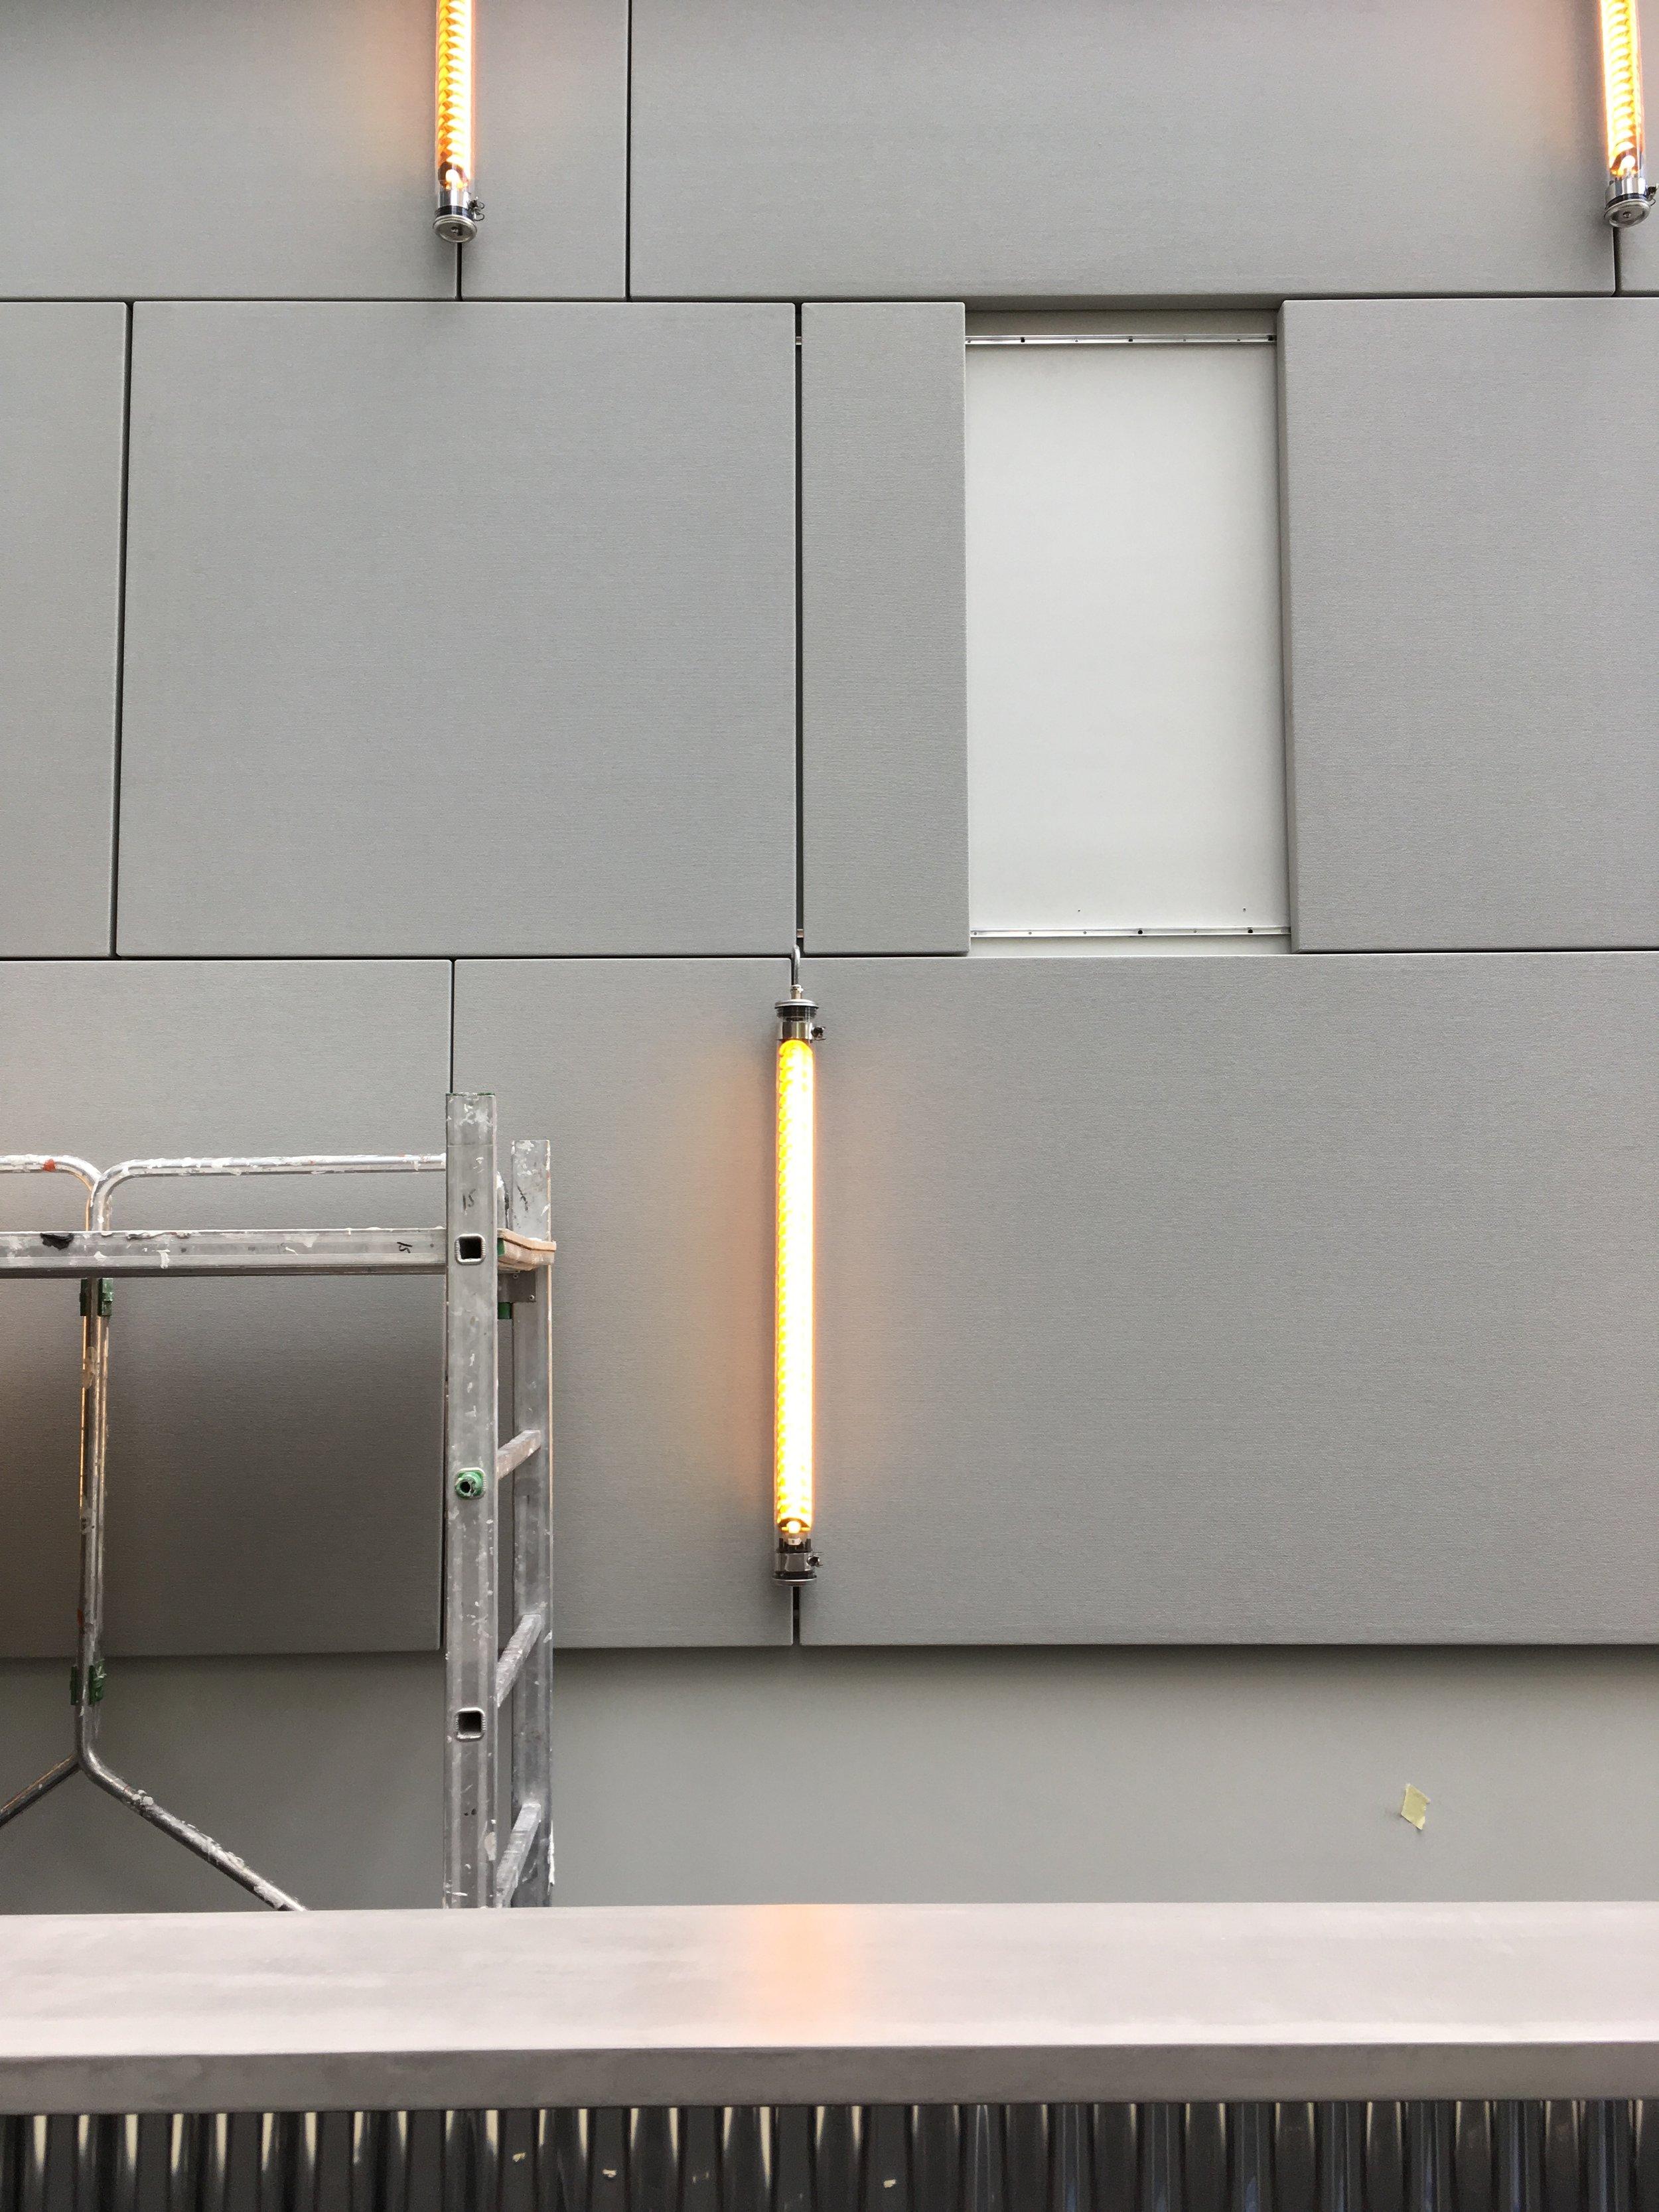 GENNEVILLIERS - Aménagement et décoration des parties communes d'un immeuble de bureaux92230 |Livré en juillet 2017